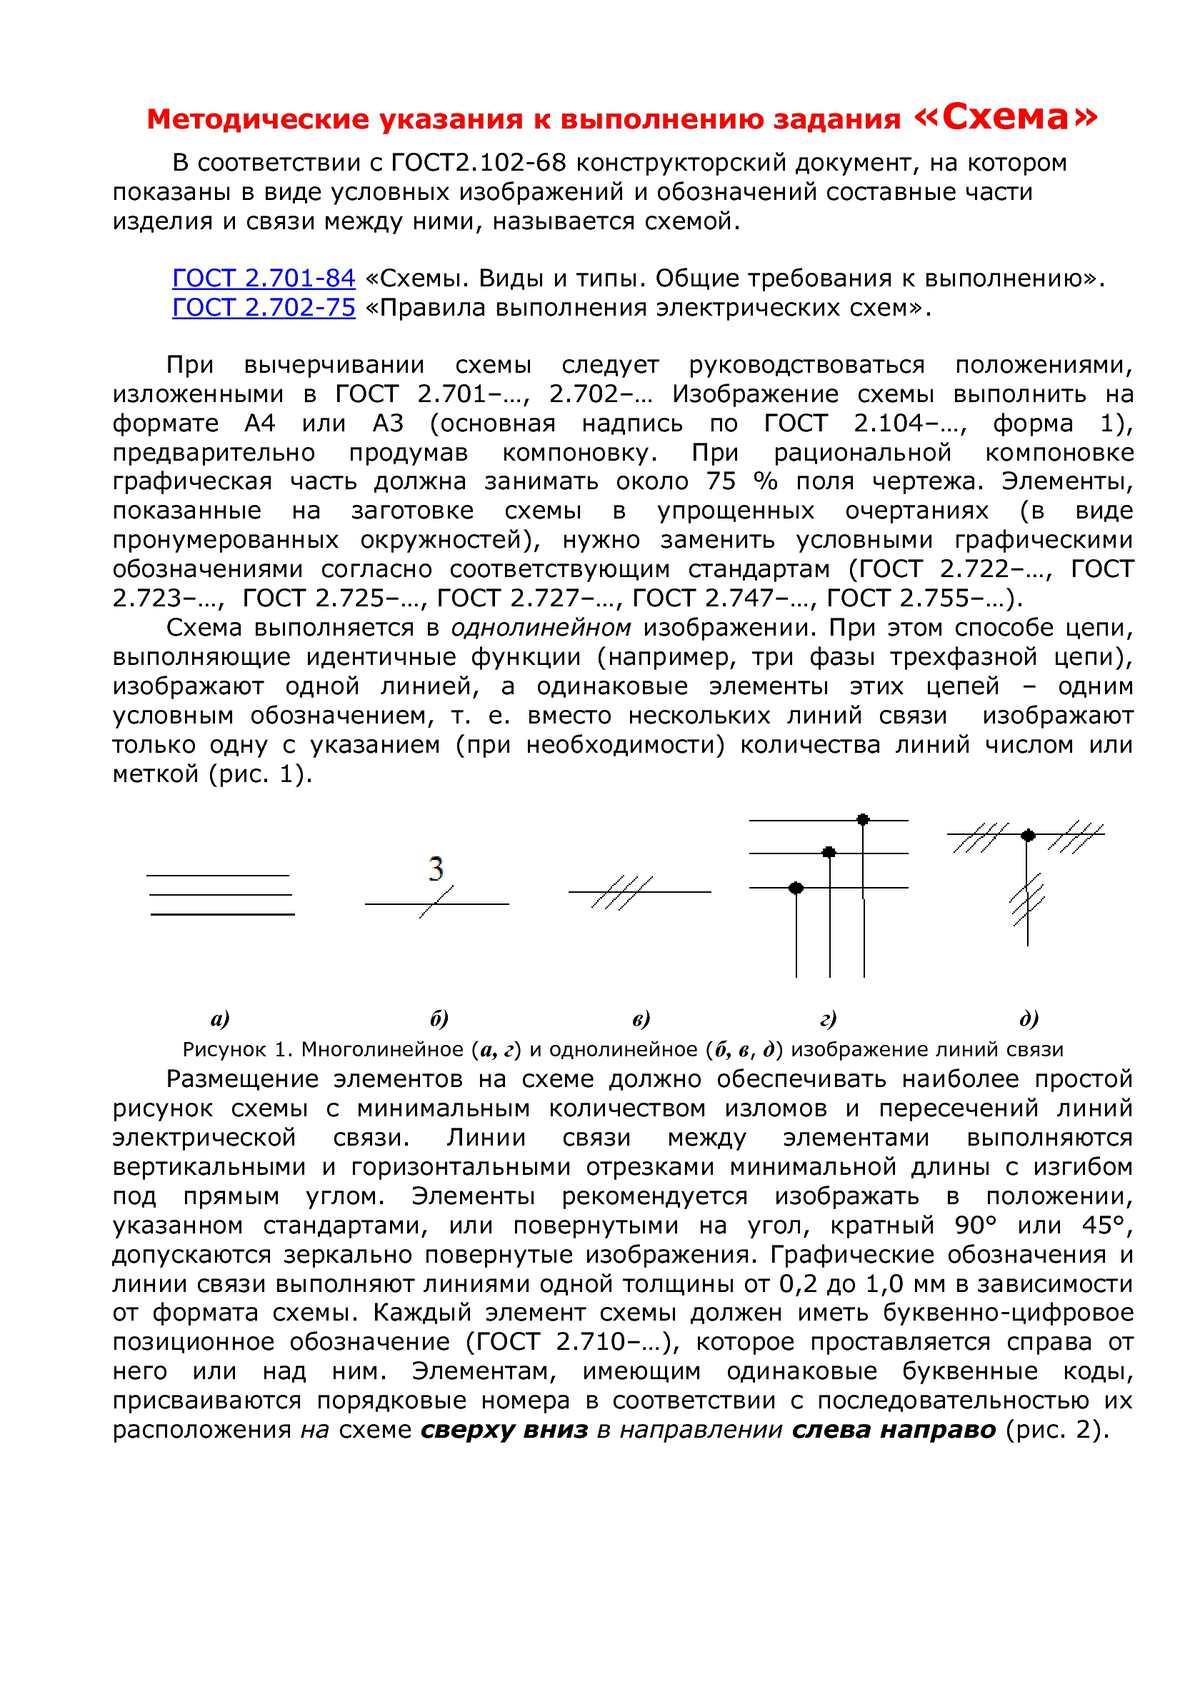 Вязаные поделки схема описание